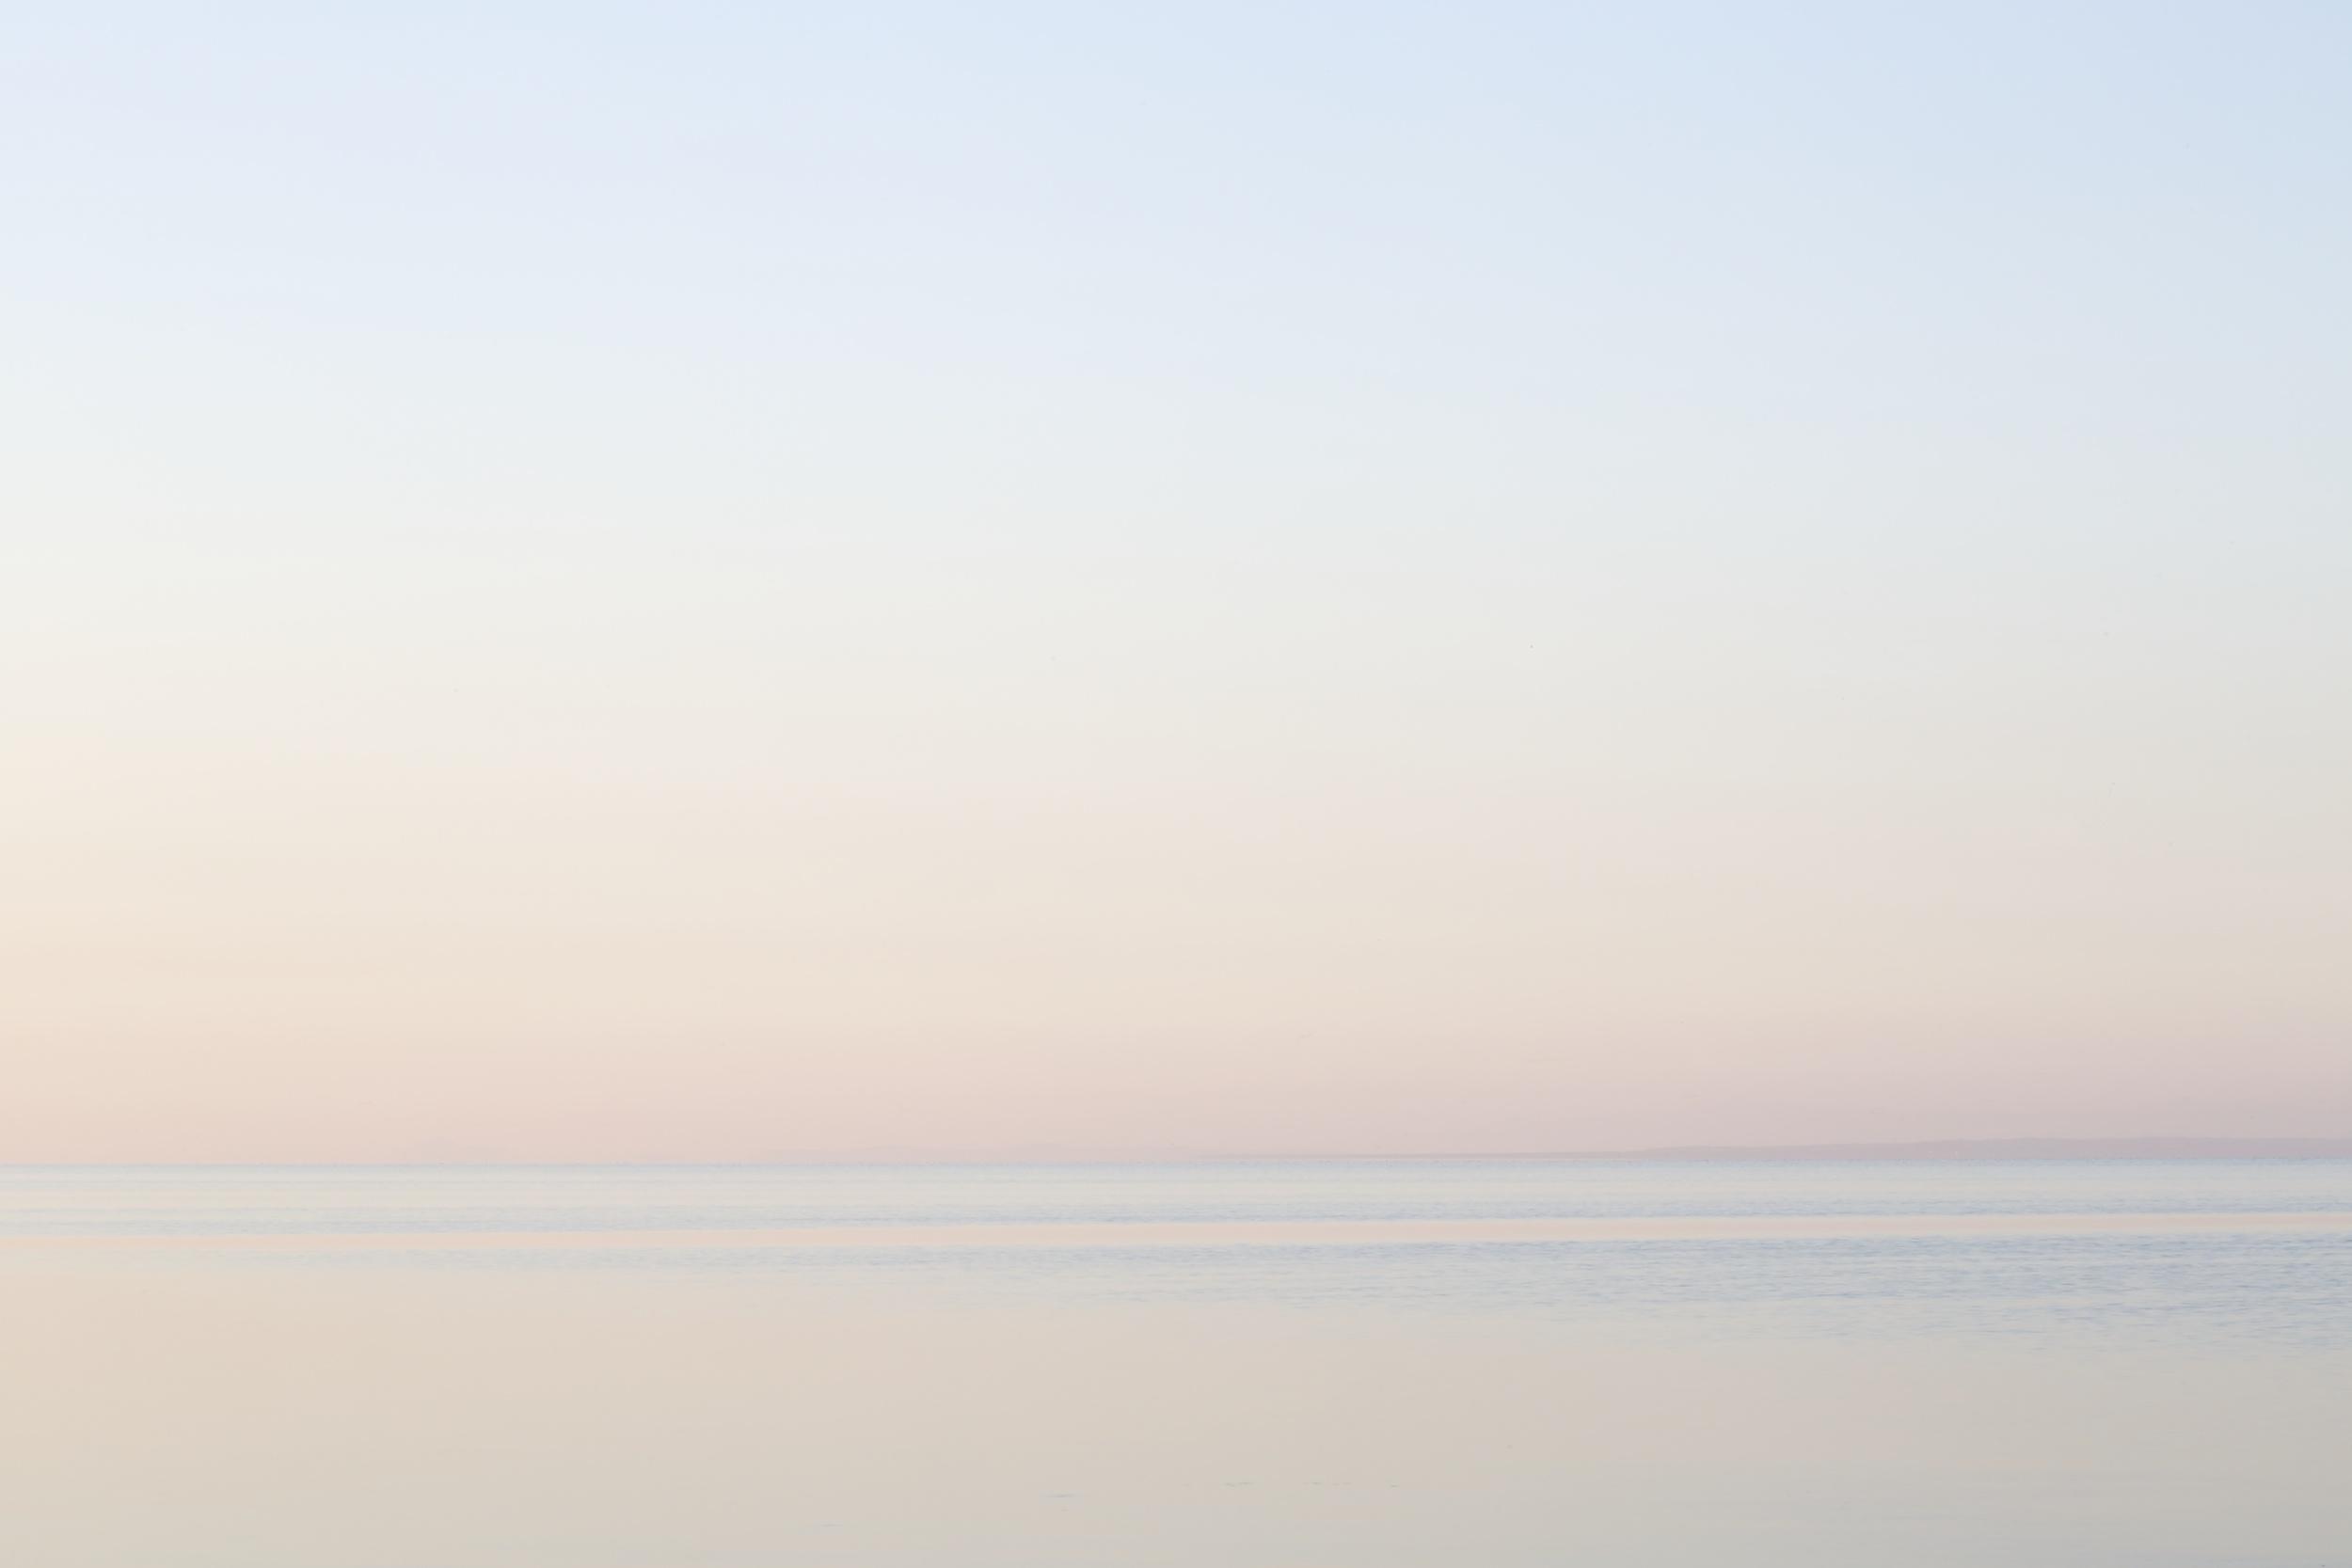 View No. 4,Salton Sea, California,  2015